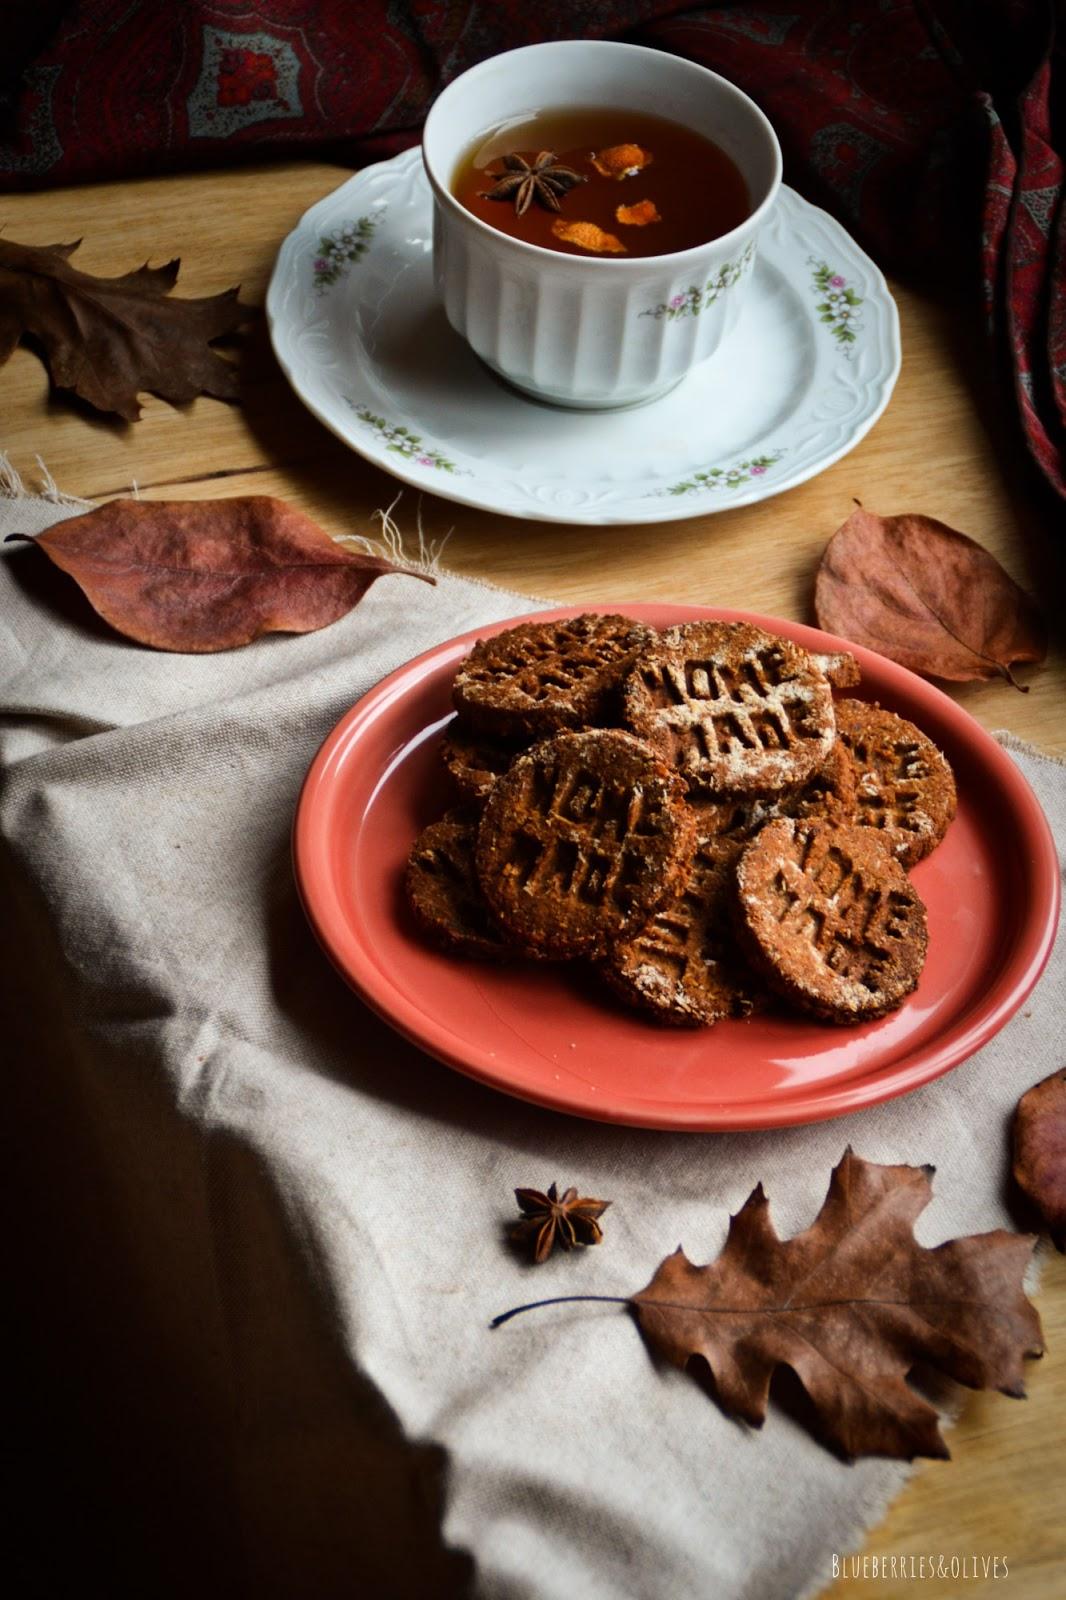 Servilleta vintaje burdeos, taza porcelana antigua con té, Galletas caseras sobre plato cerámica rojo, fondo madera oscuro, manzanas rojas, hojas secas otoño, paño de lino beige